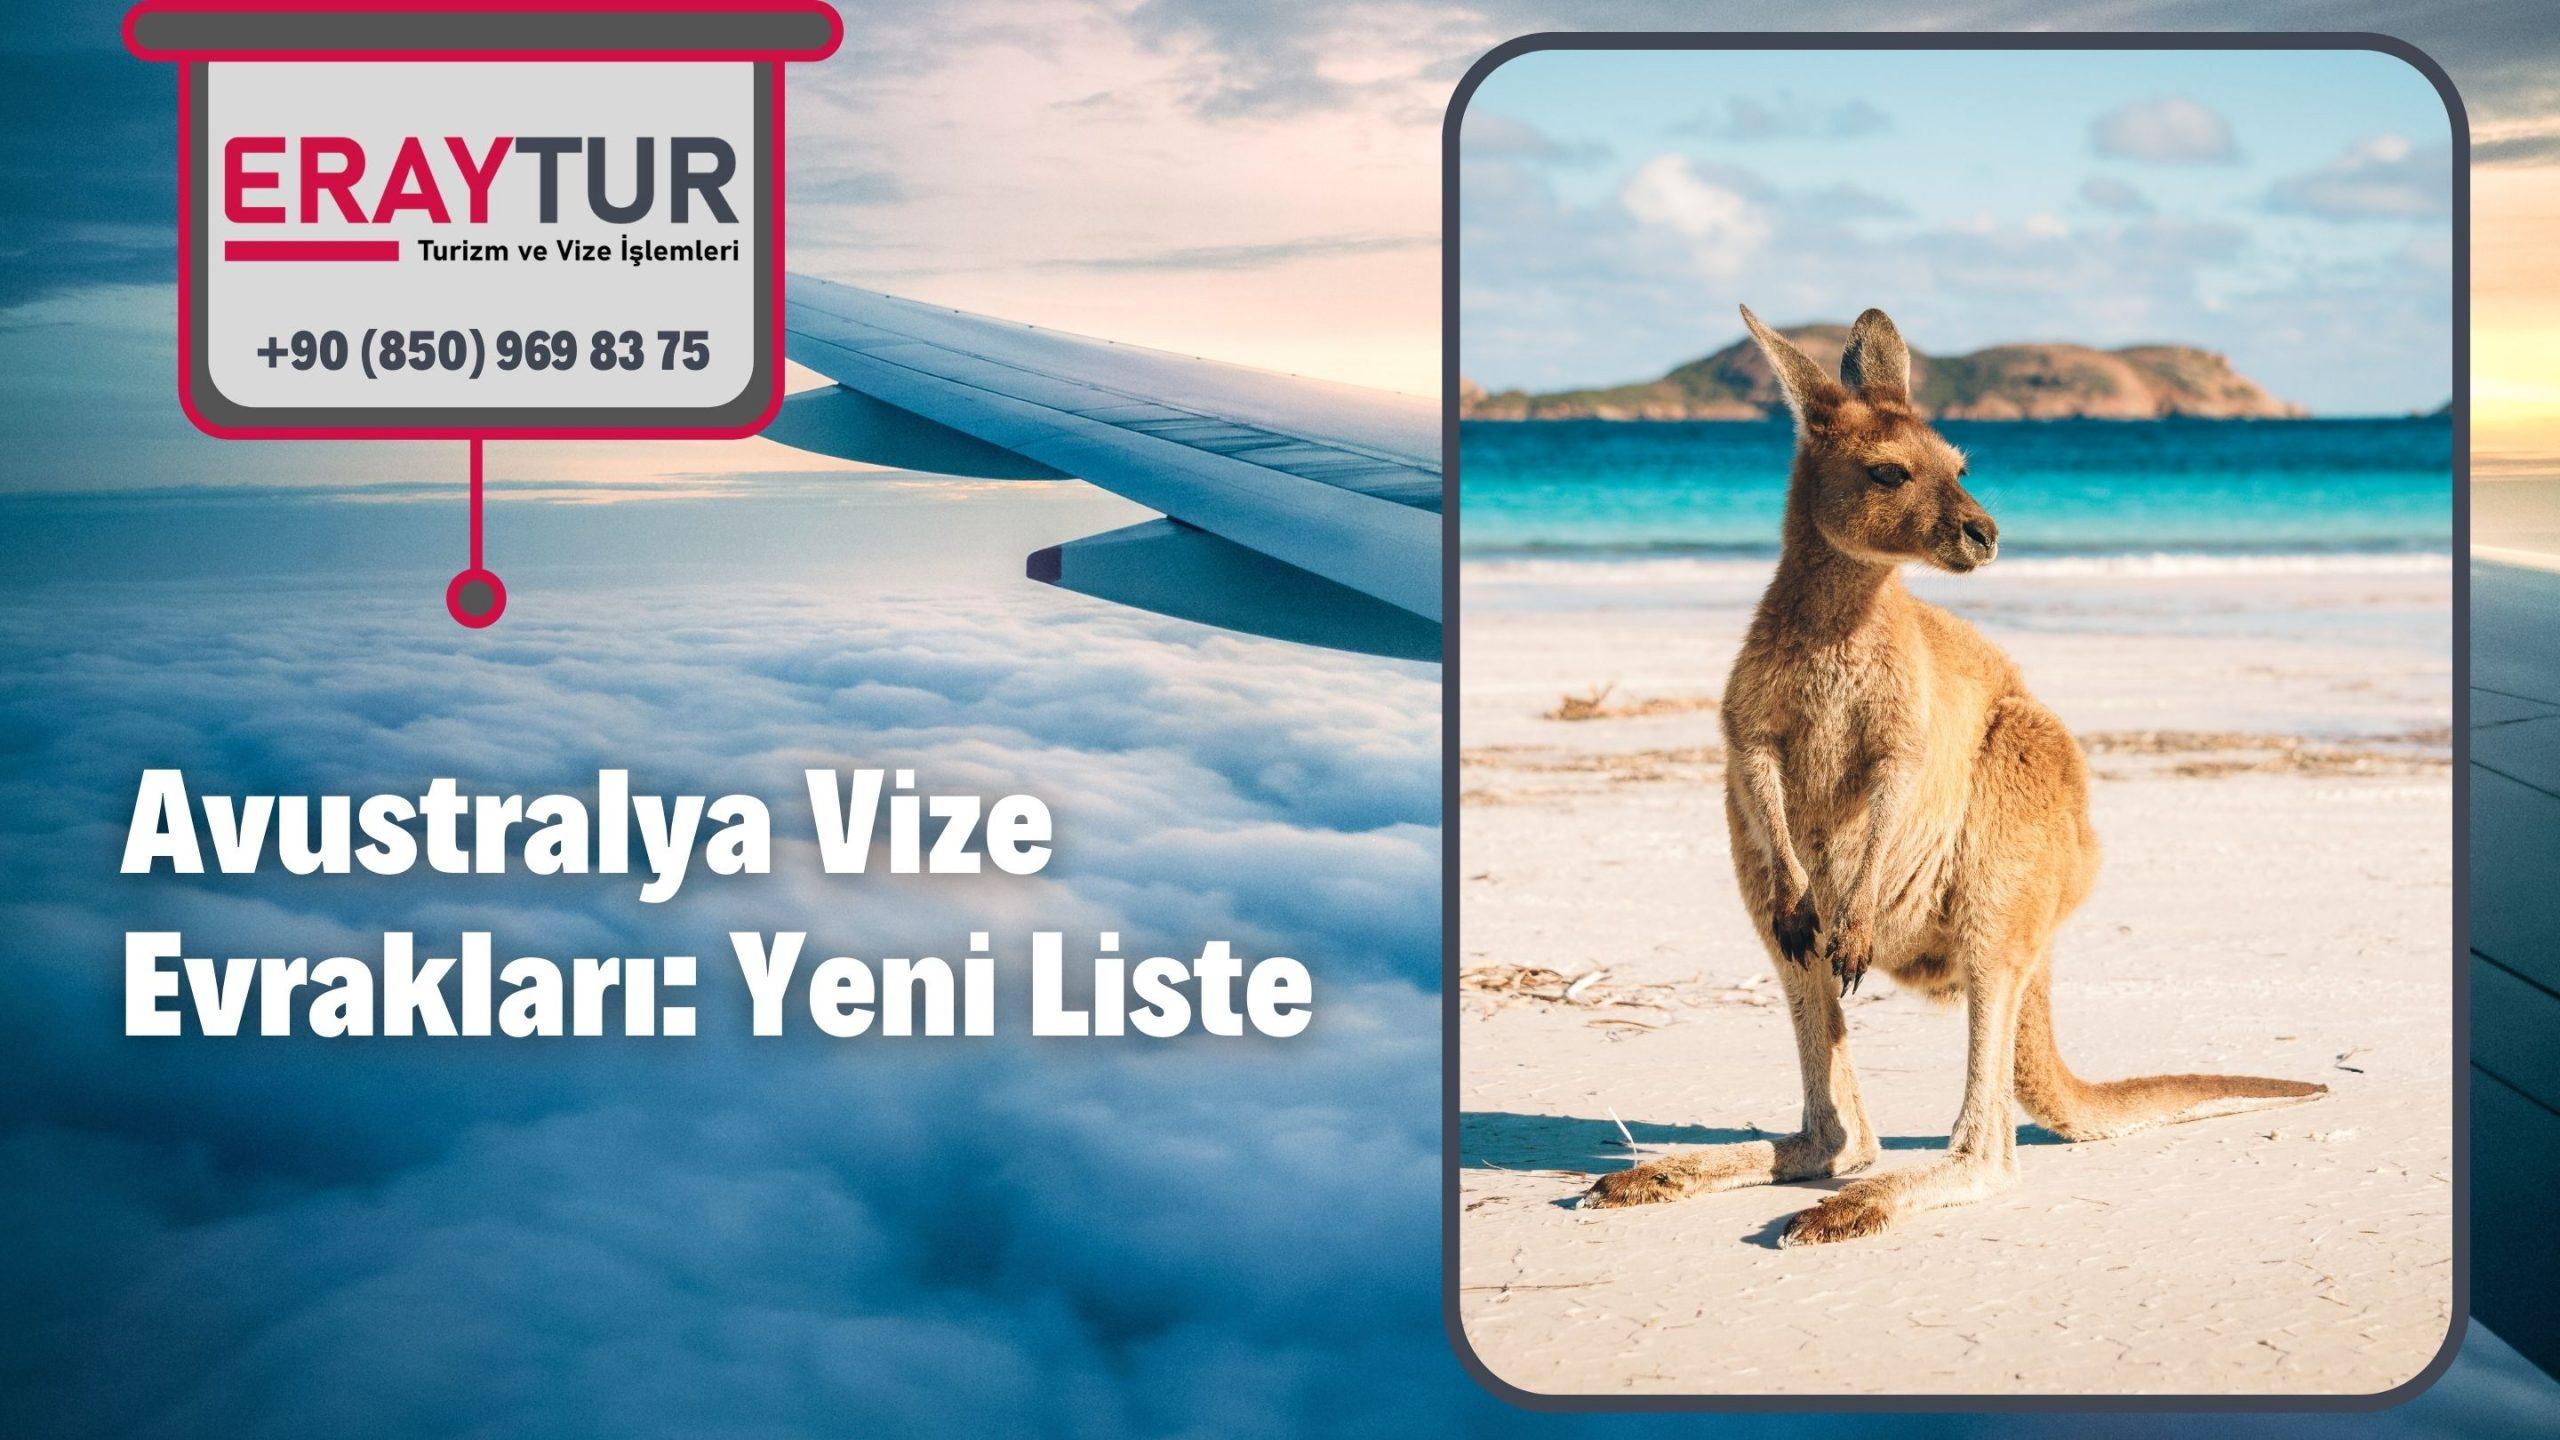 Avustralya Vize Evrakları: Yeni Liste [2021]